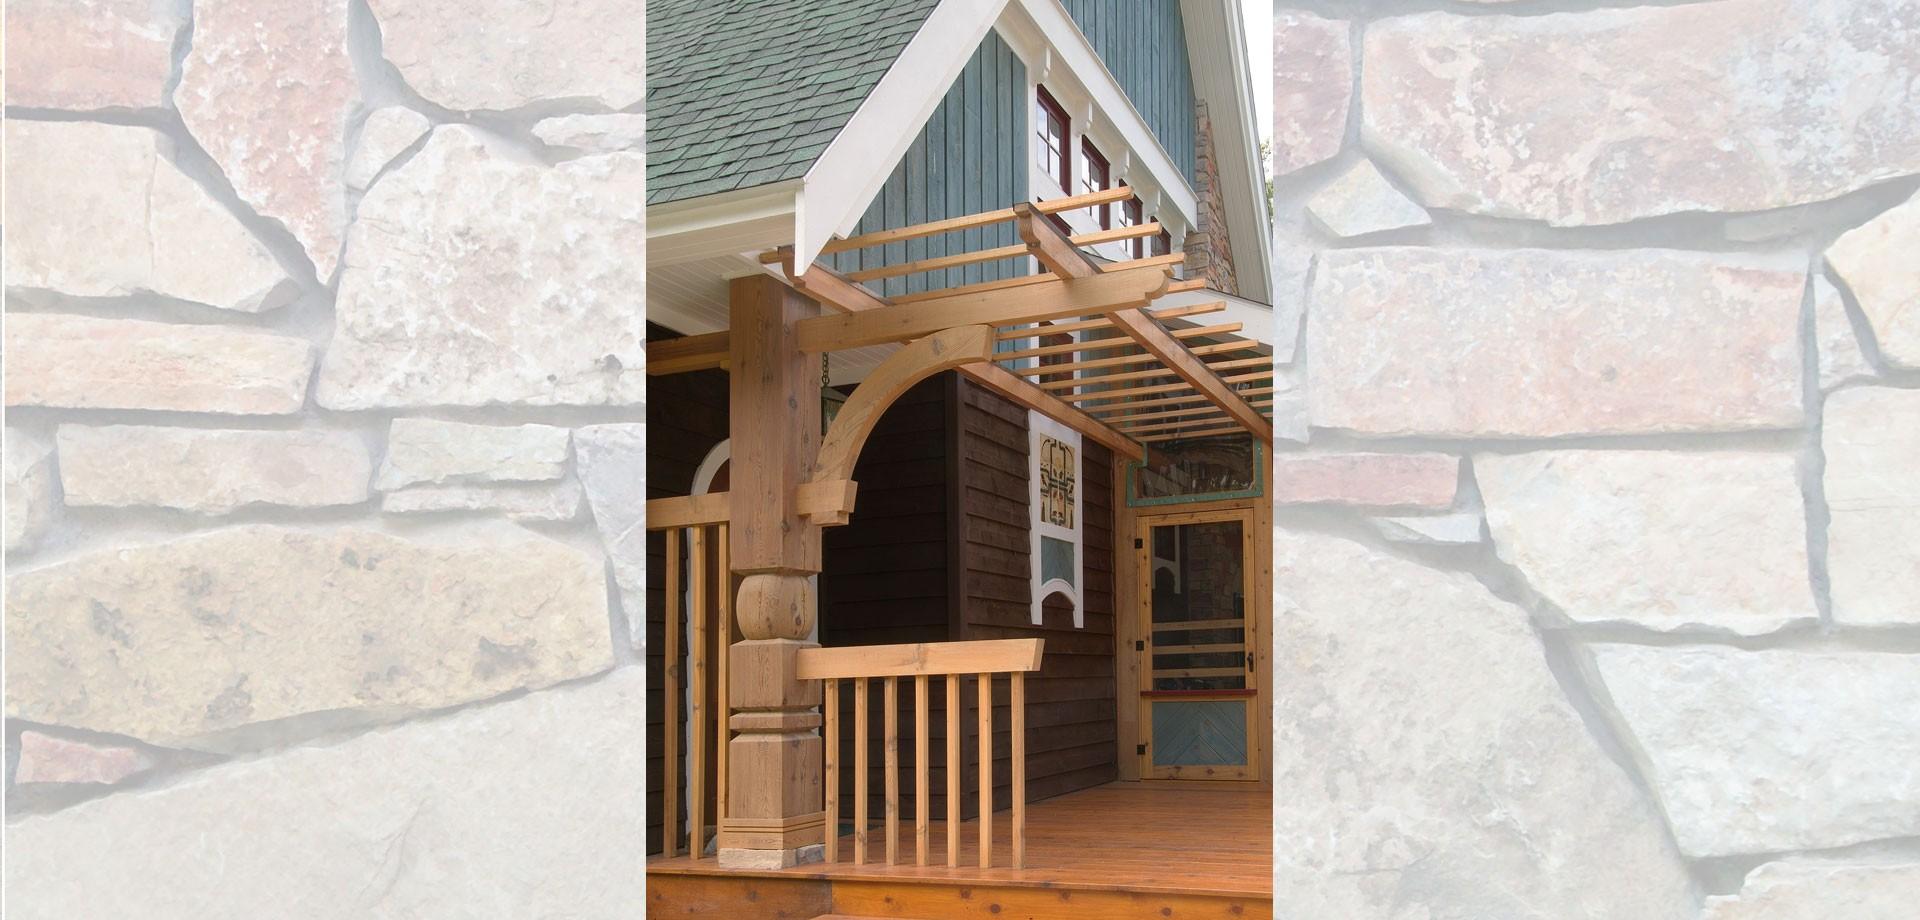 Madeline Island Cottage Sala Architects